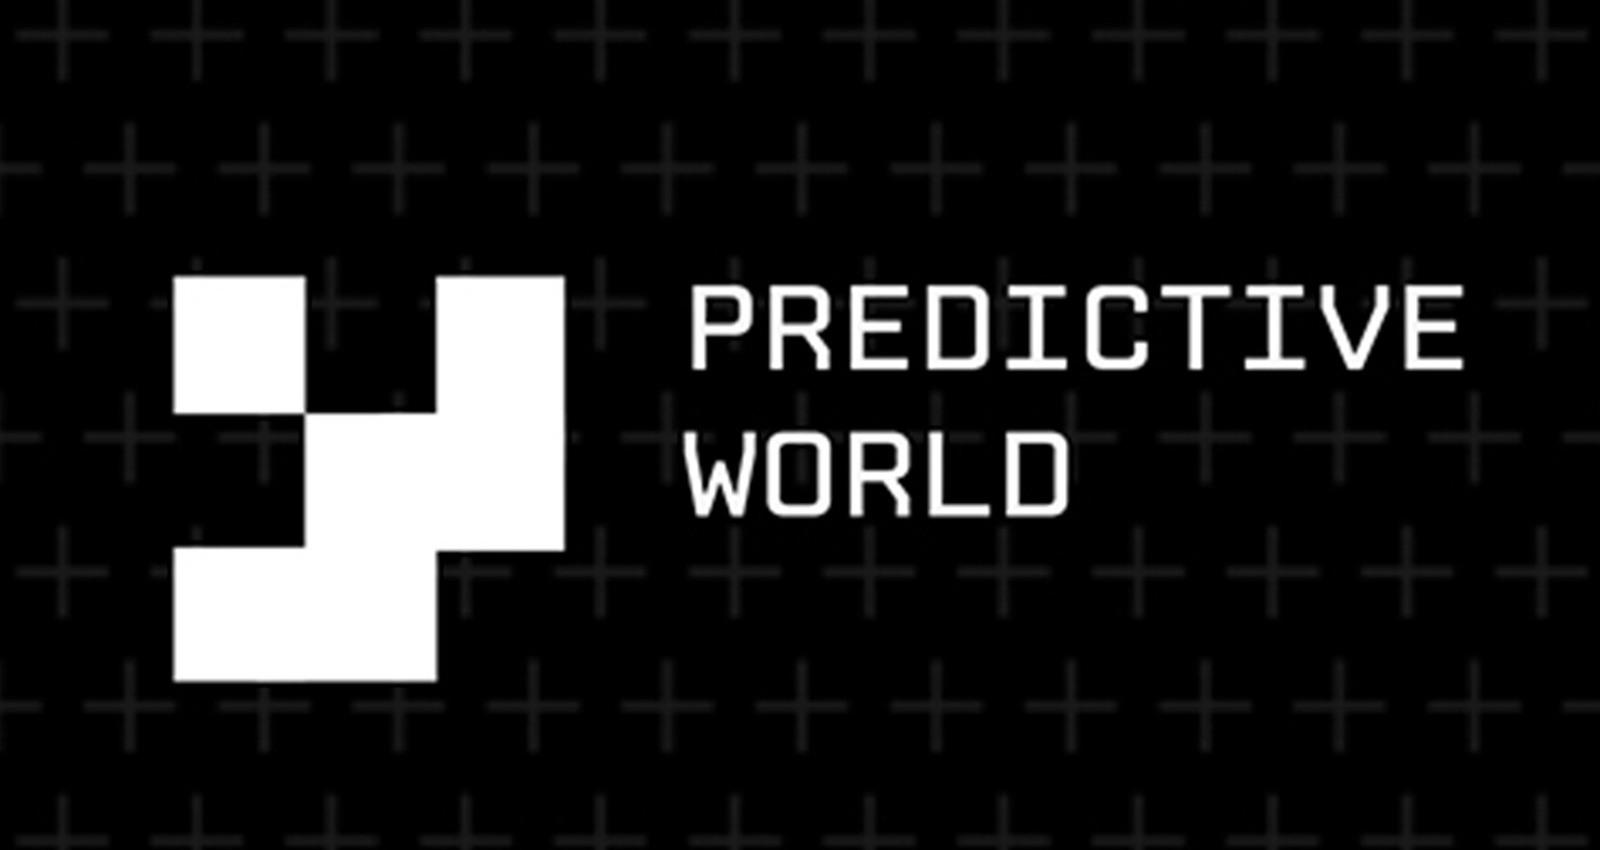 Predictive World